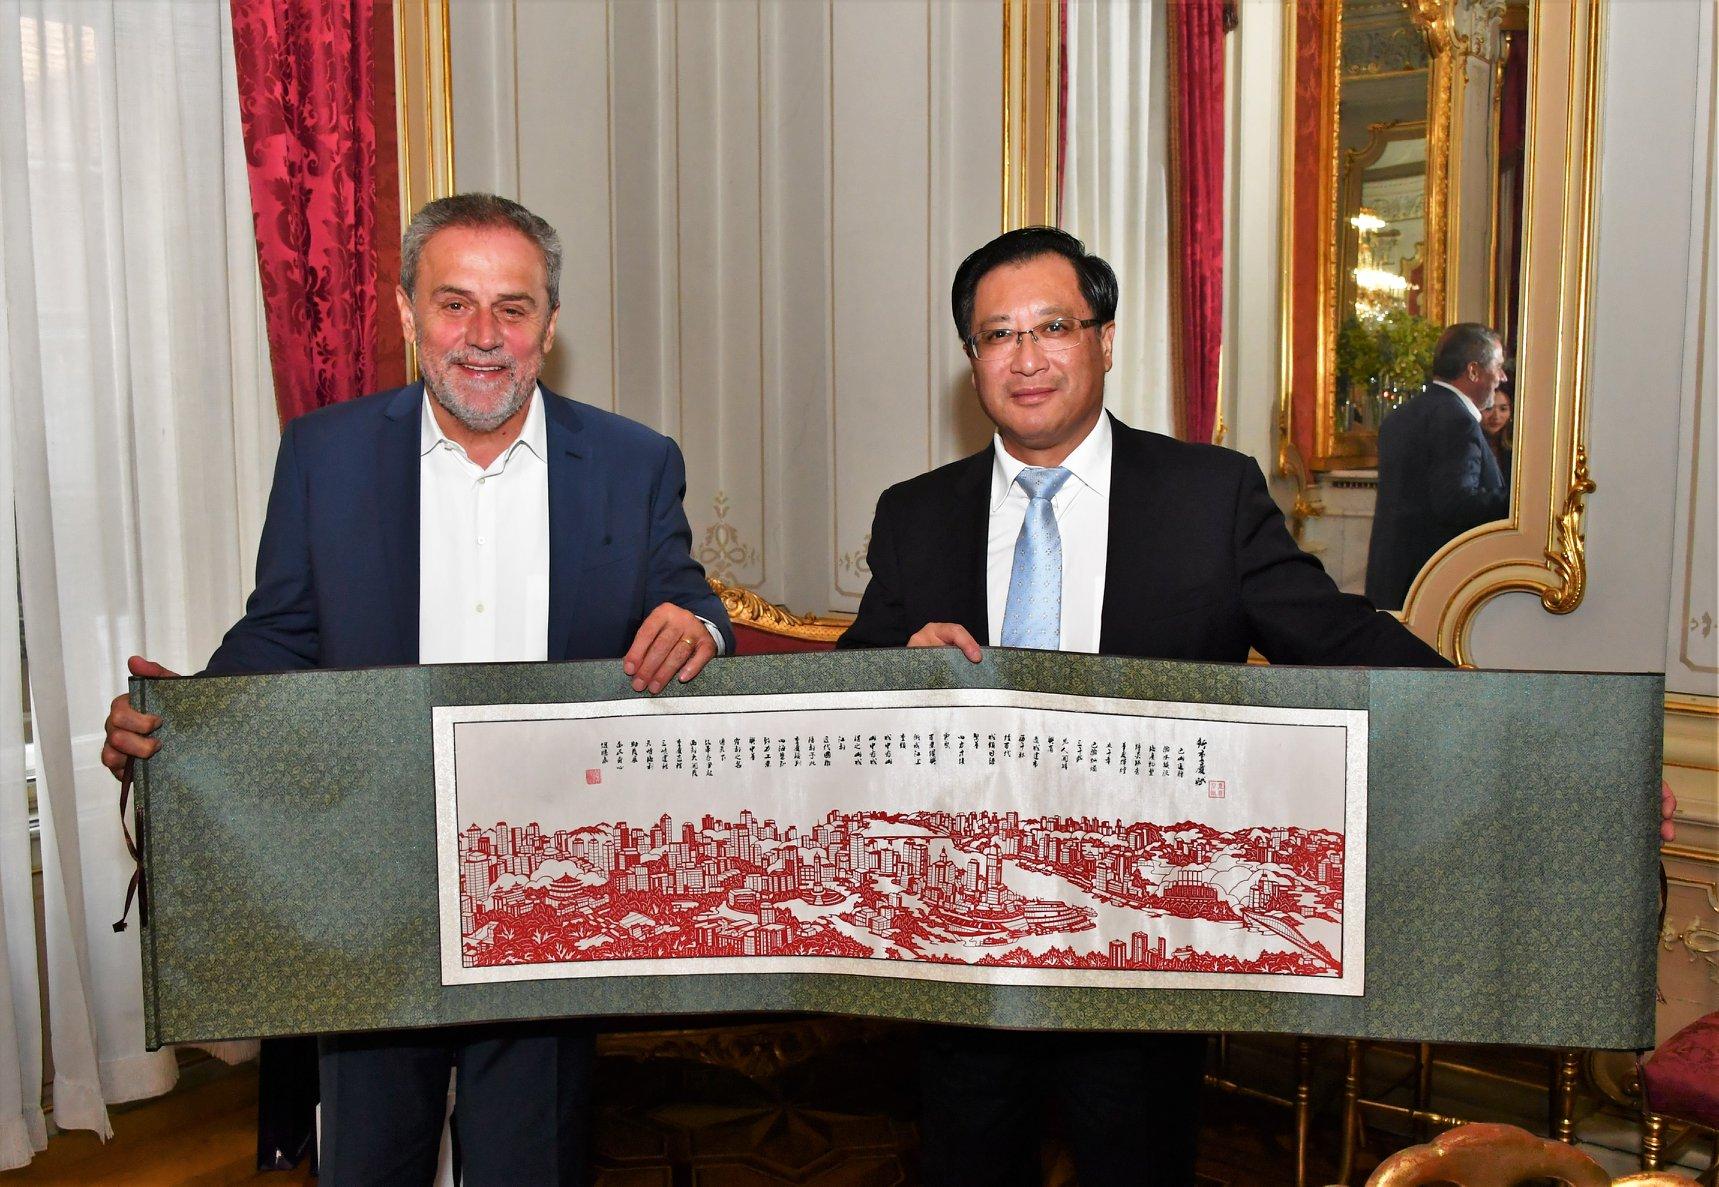 Photo of Susret zagrebačkog gradonačelnika s izaslanstvom kineskog Grada Chongqinga